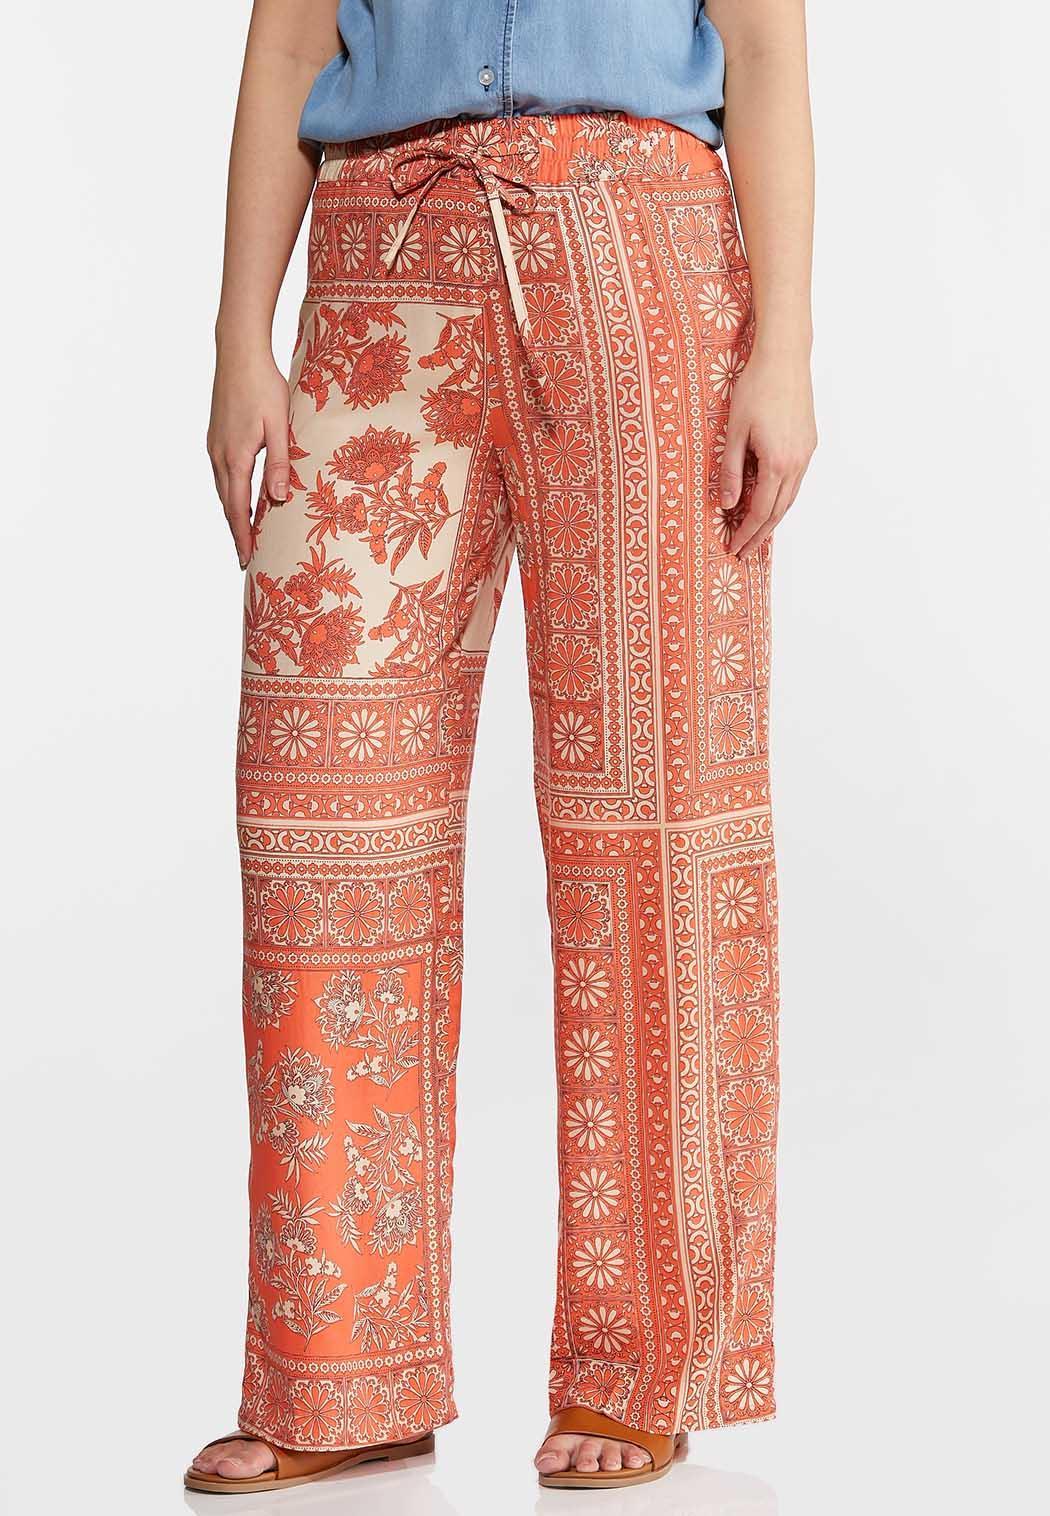 Coral Floral Patchwork Pants